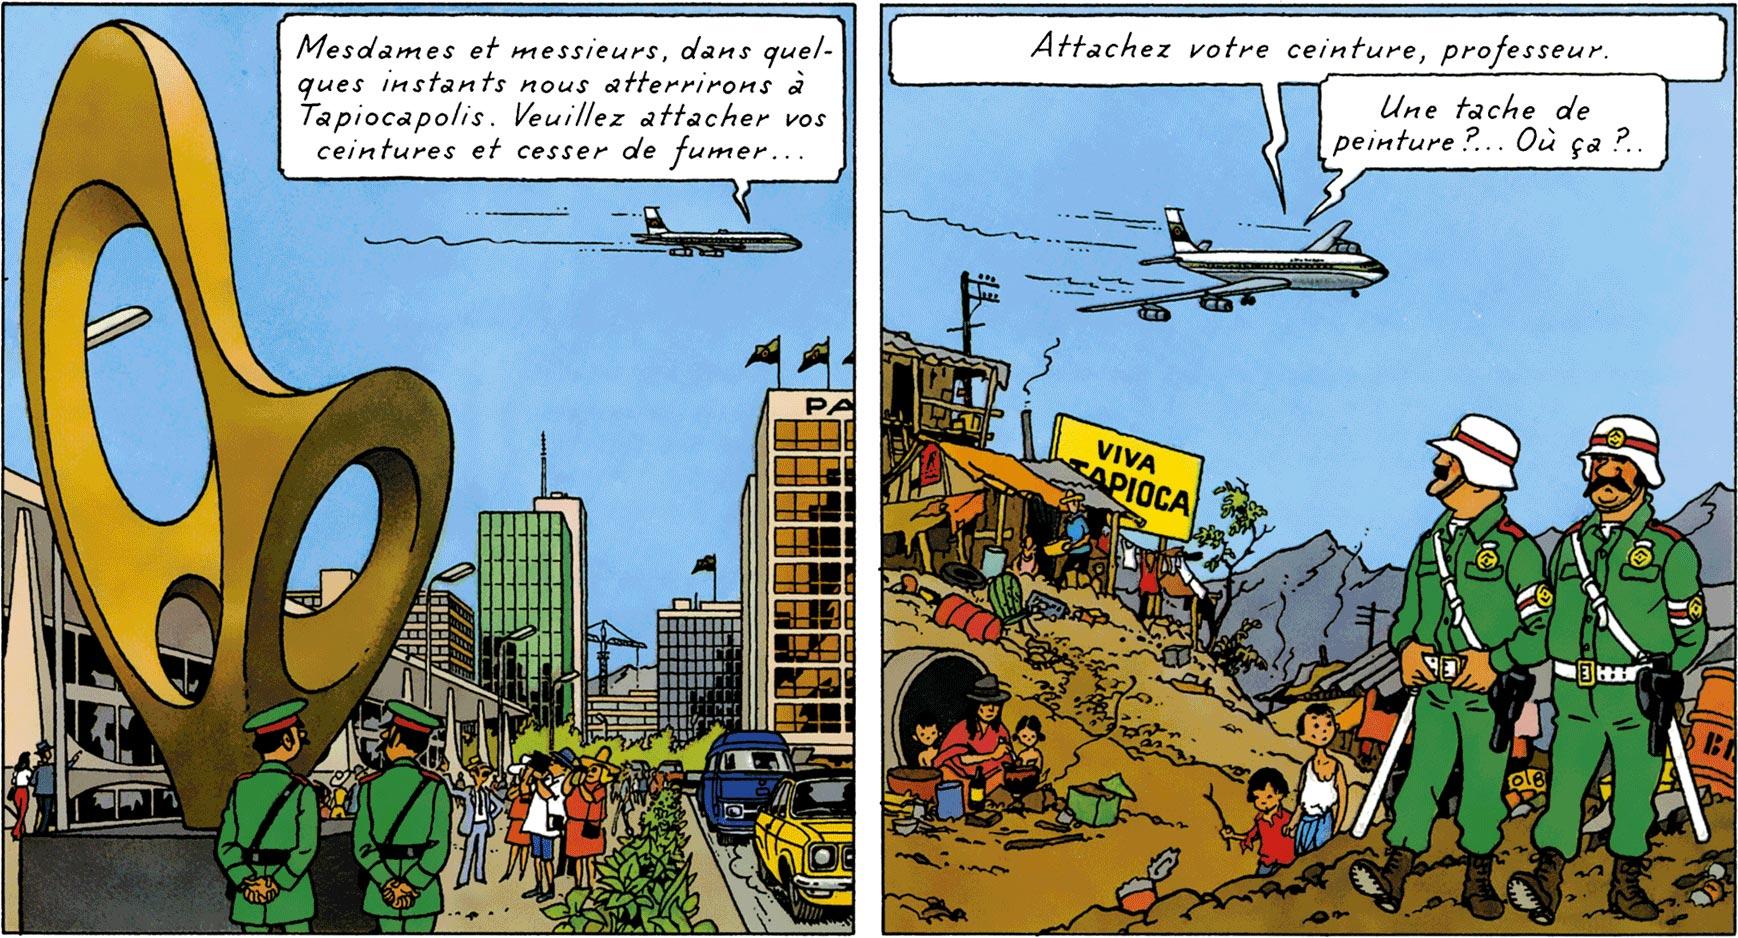 Tapiocapolis - Tintin et les Picaros